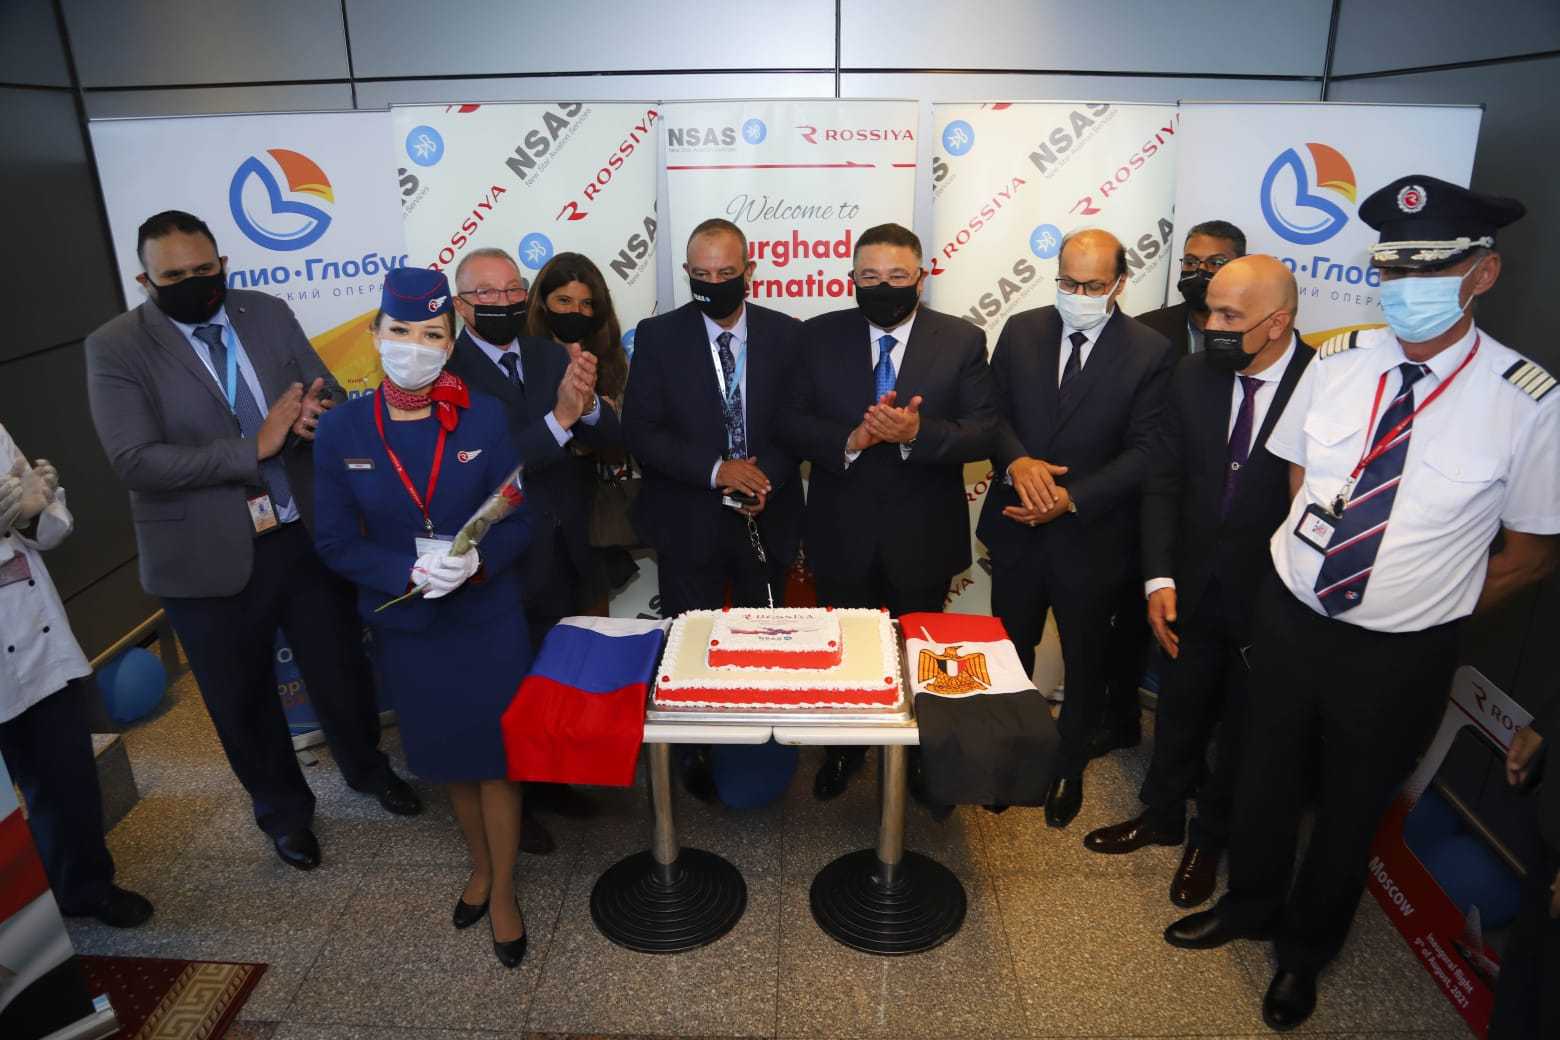 صور  محافظ البحر الأحمر يستقبل أولى رحلات السياحة الروسية بمطار الغردقة الدولي